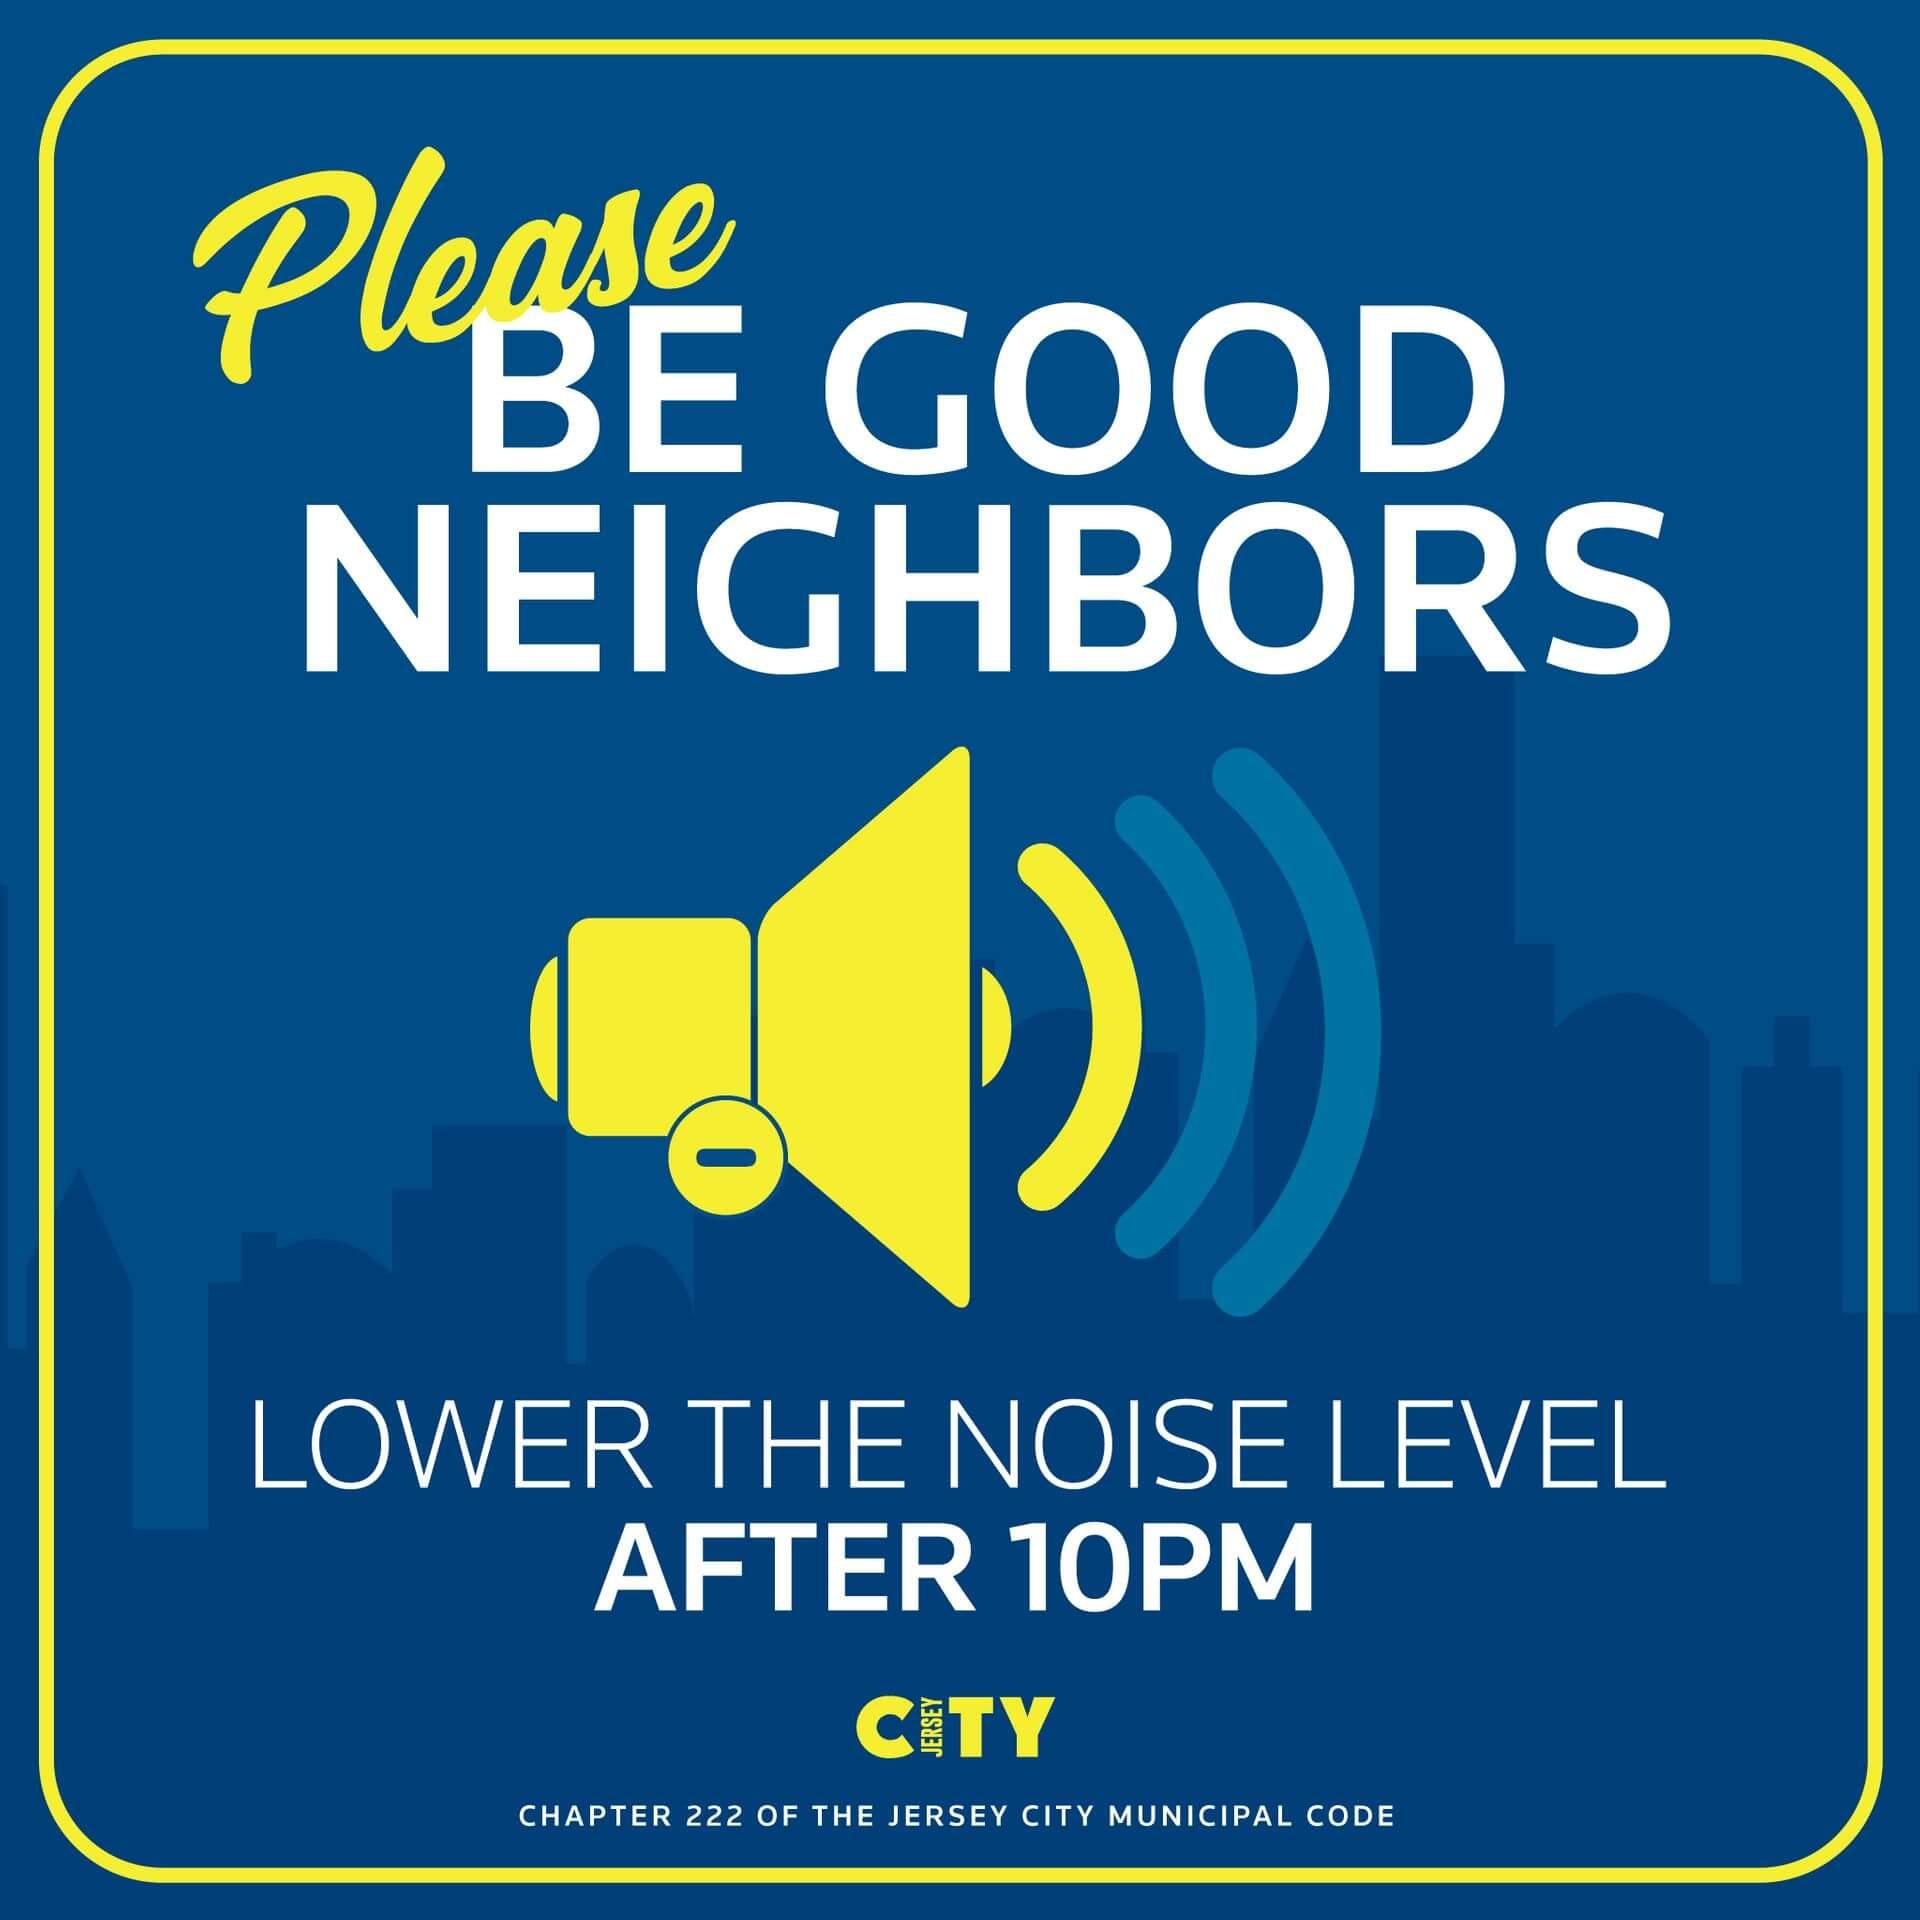 Flyer for Good Neighbor Lower the Volume